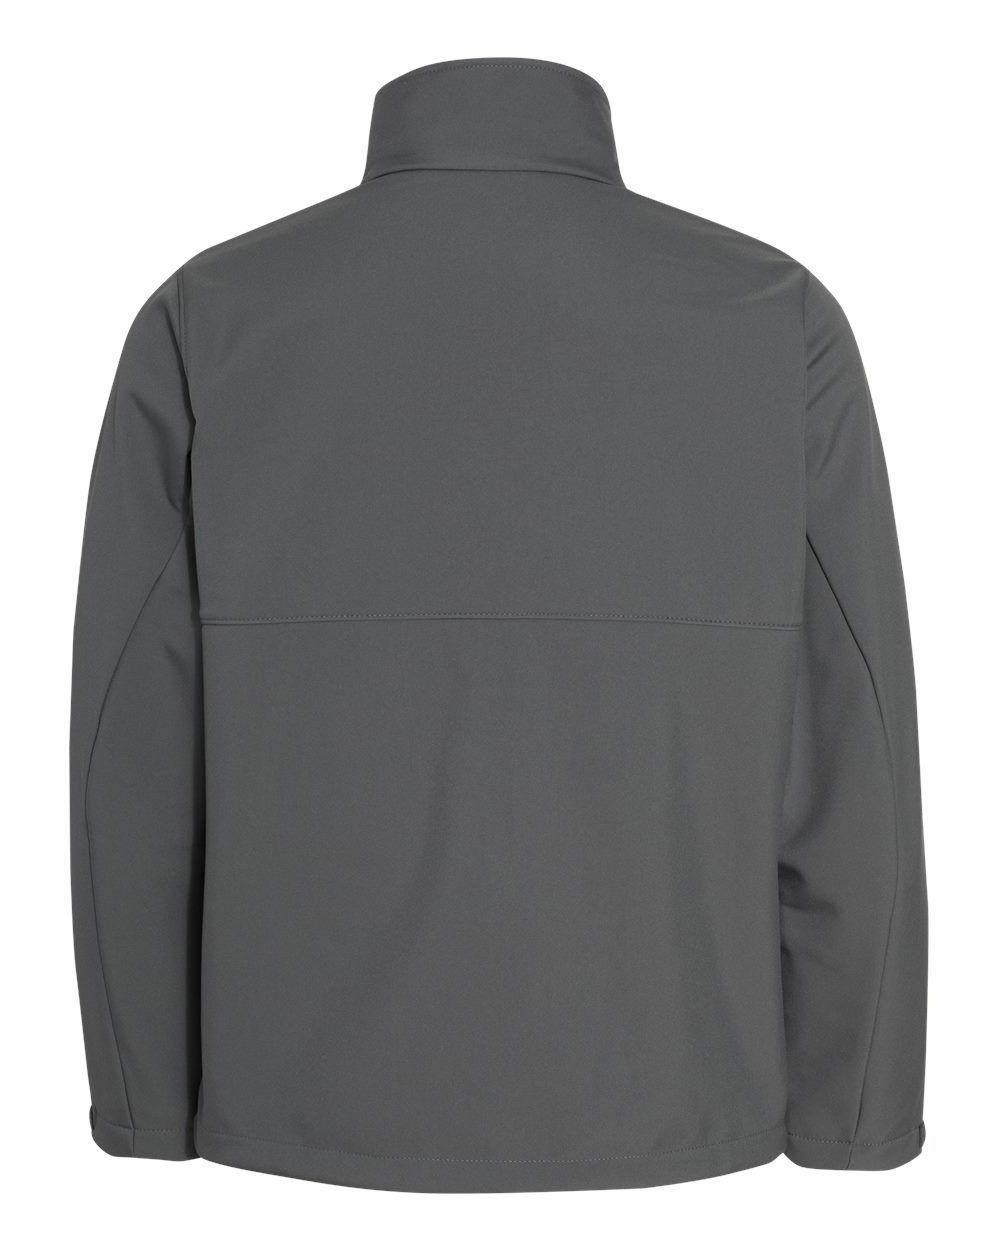 NEW Jacket, M, 3XL